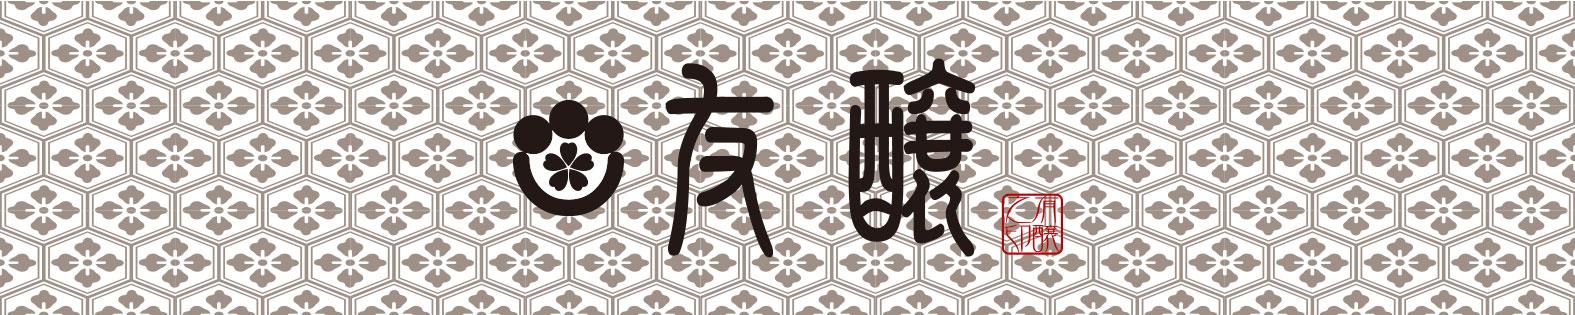 【日本酒】 川鶴 しぼりたて 仕込み第一号 生原酒 讃岐オオセト 限定 新酒25BY_e0173738_11365614.jpg